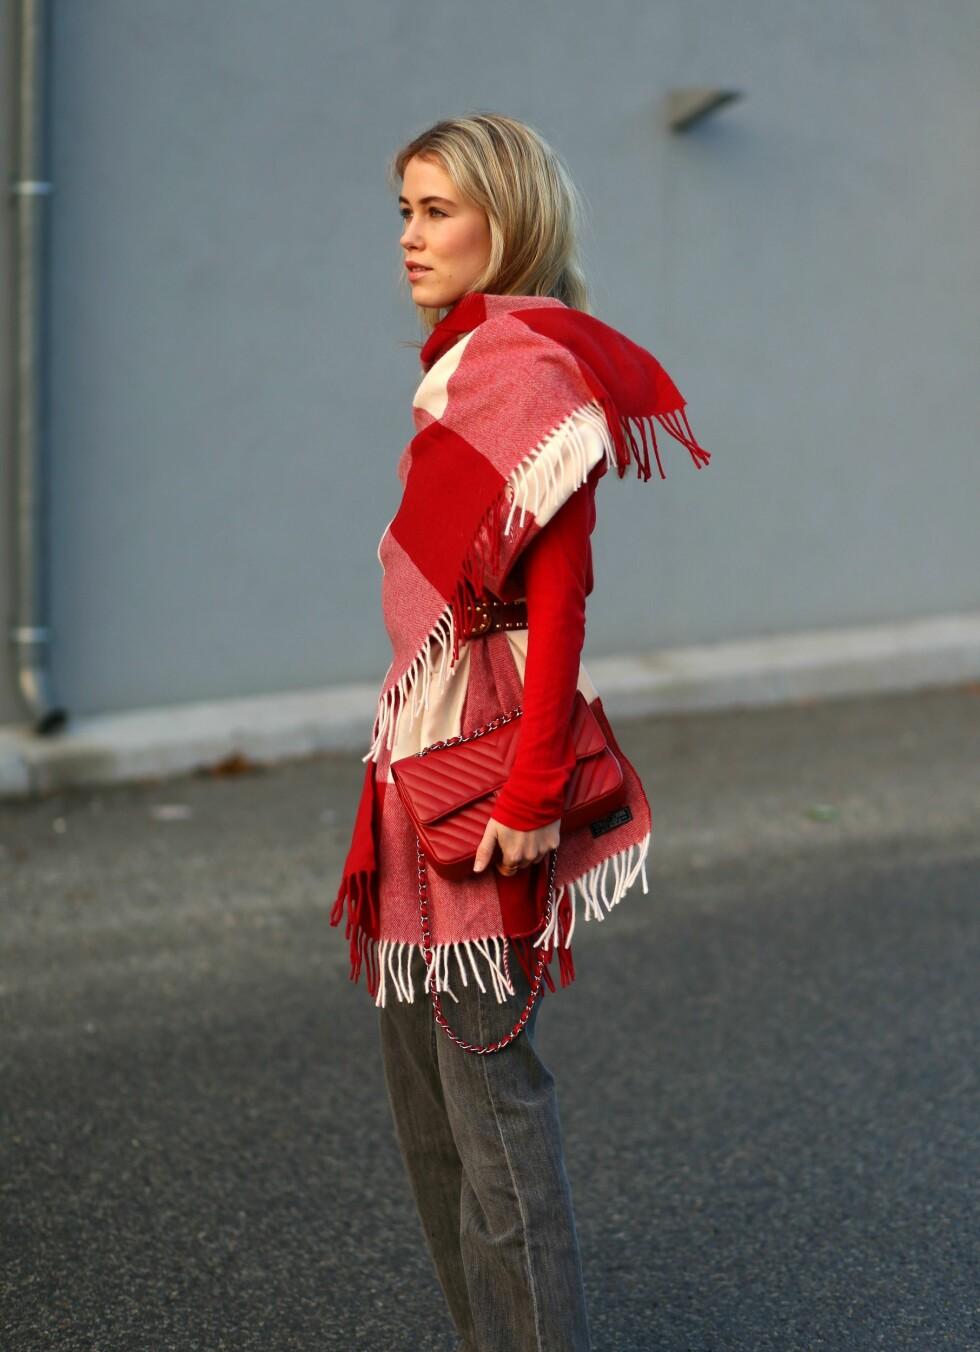 SKJERFET: Annabel Rosendahl viser deg hvordan du kan bruke ullskjerfet ditt på kreative måter. Foto: Annabelrosendahl.com